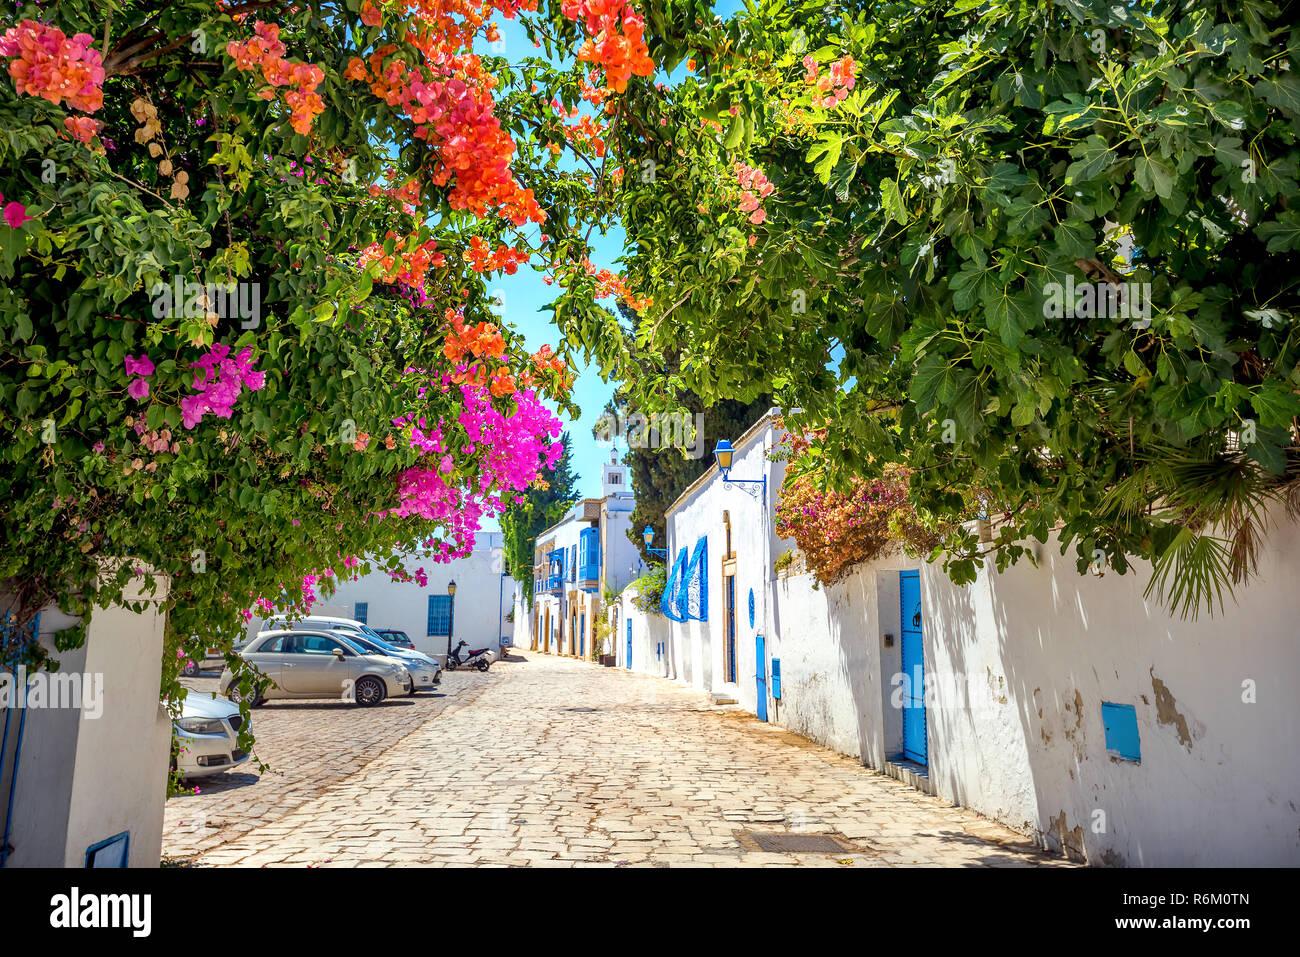 Straße in den Fokus auf blühende Bäume in Blau und Weiße Stadt Sidi Bou Said. Tunesien, Nordafrika Stockfoto